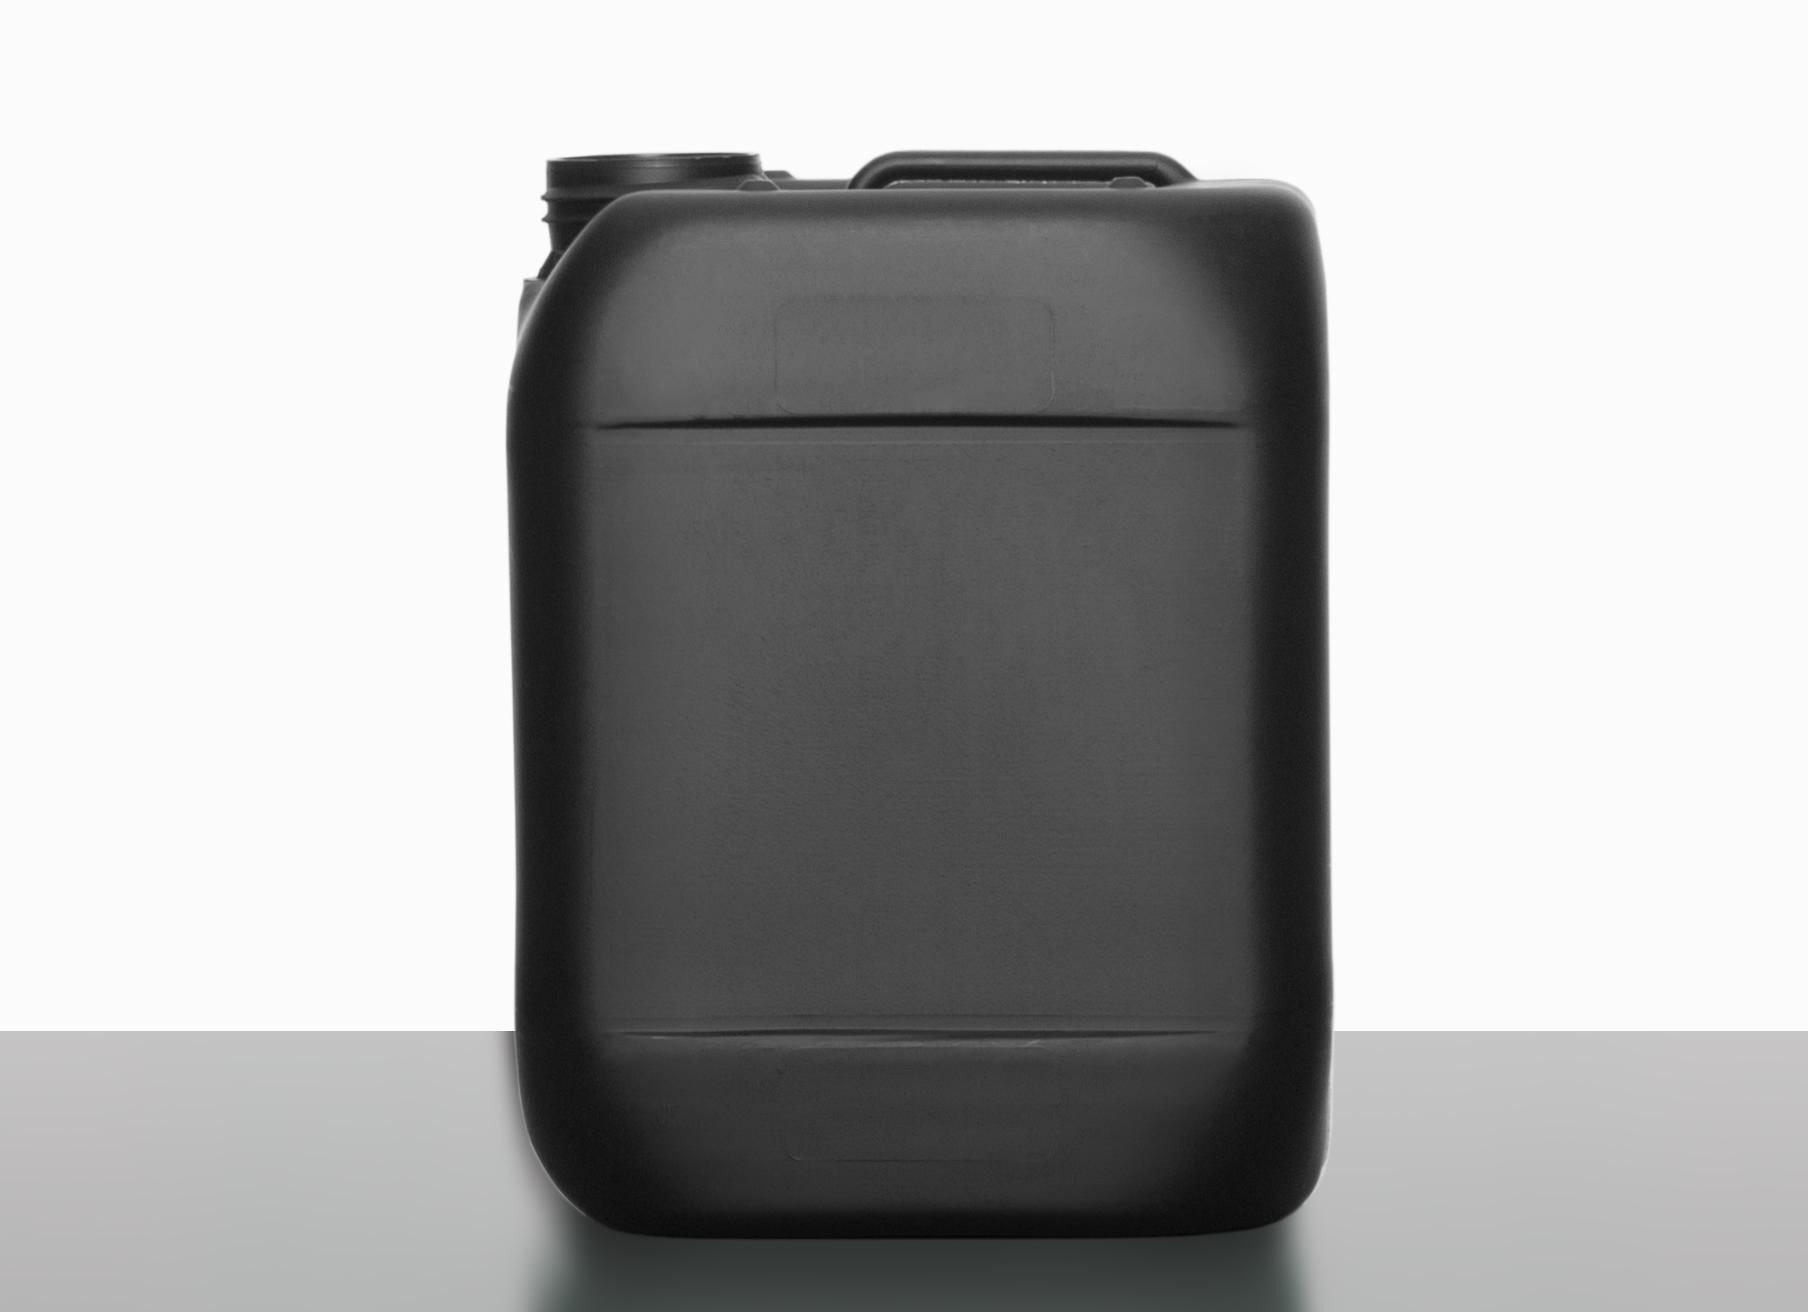 kunststoffkanister 5 0 l aus hdpe recyclat in schwarz. Black Bedroom Furniture Sets. Home Design Ideas